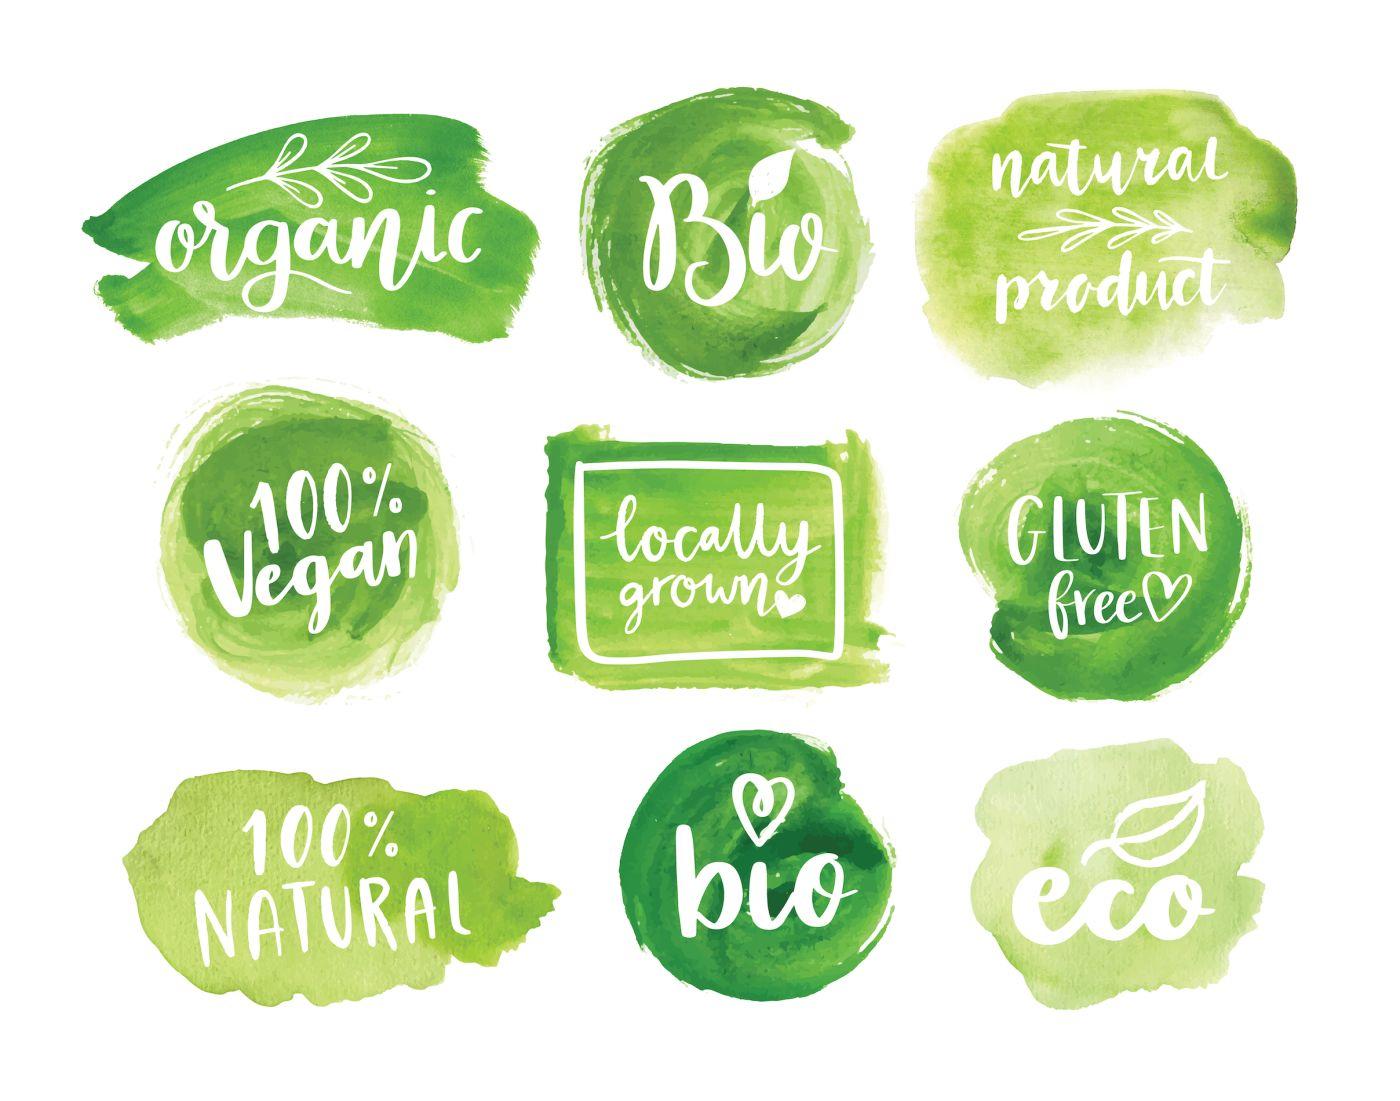 Nachhaltigkeit, nachhaltig einkaufen, ökologisch einkaufen, Bio, regional, saisonal